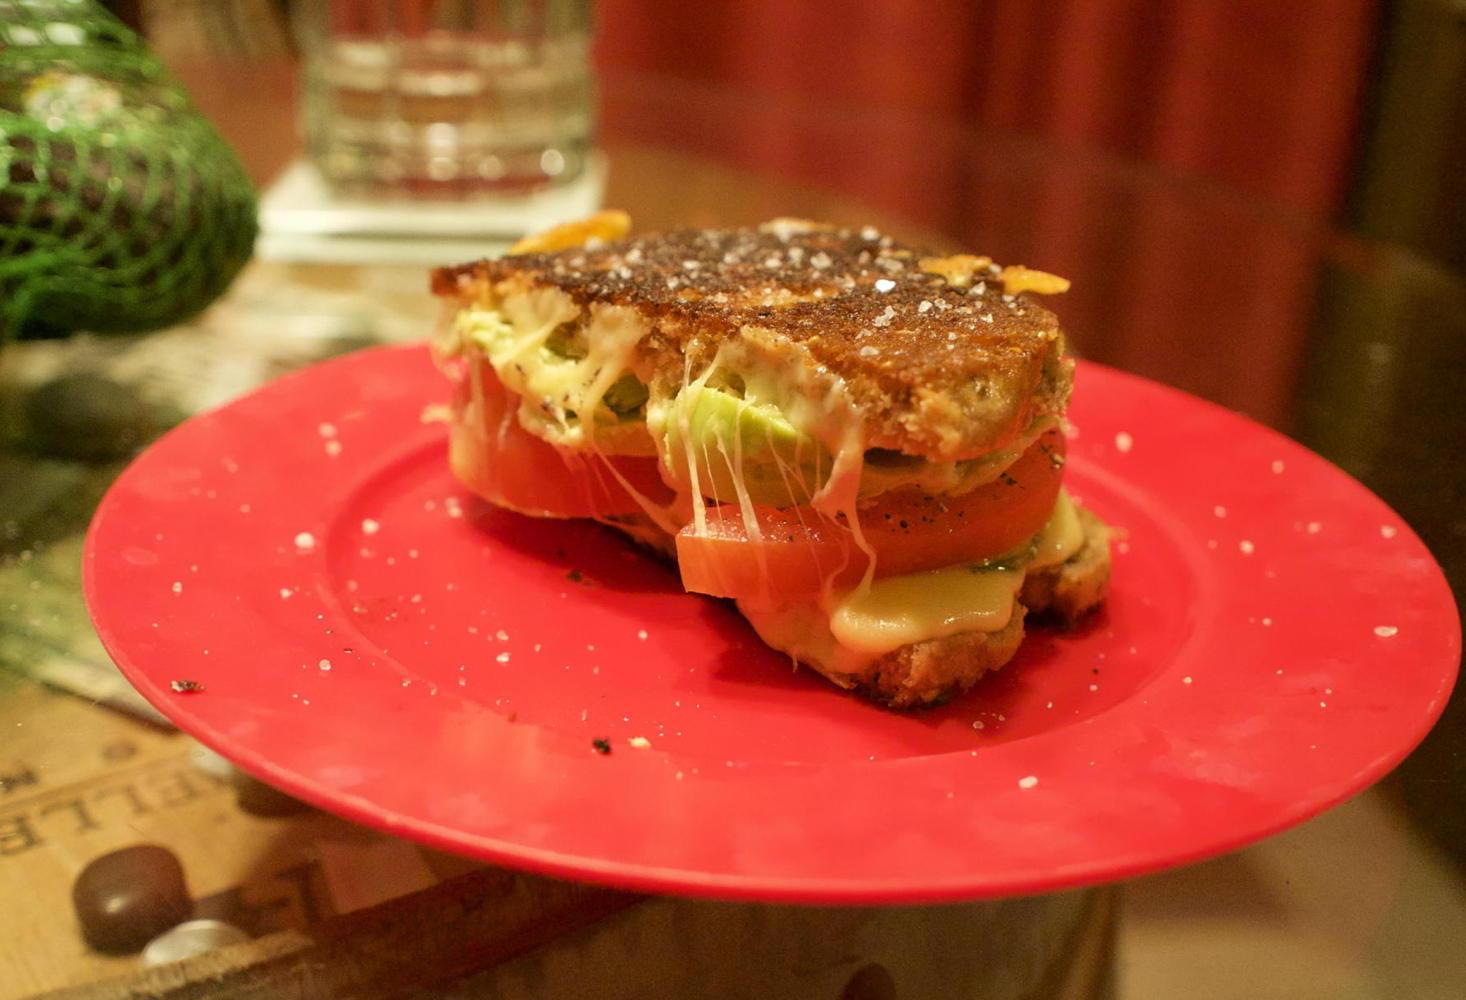 Avocado tomato gouda sandwich